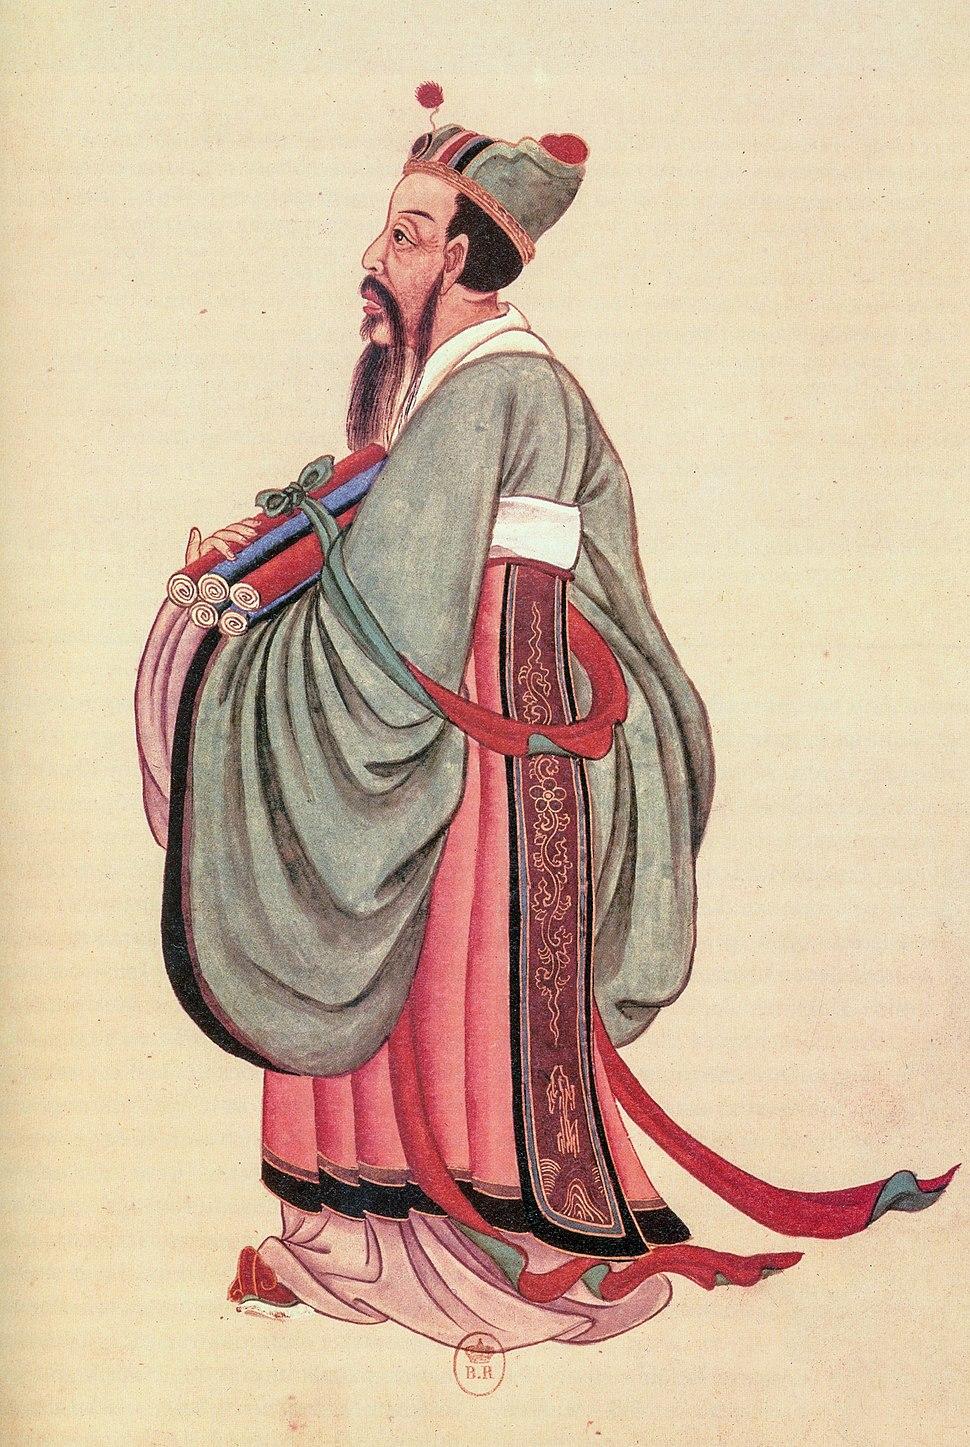 Portrait of Konfucius, 18th century